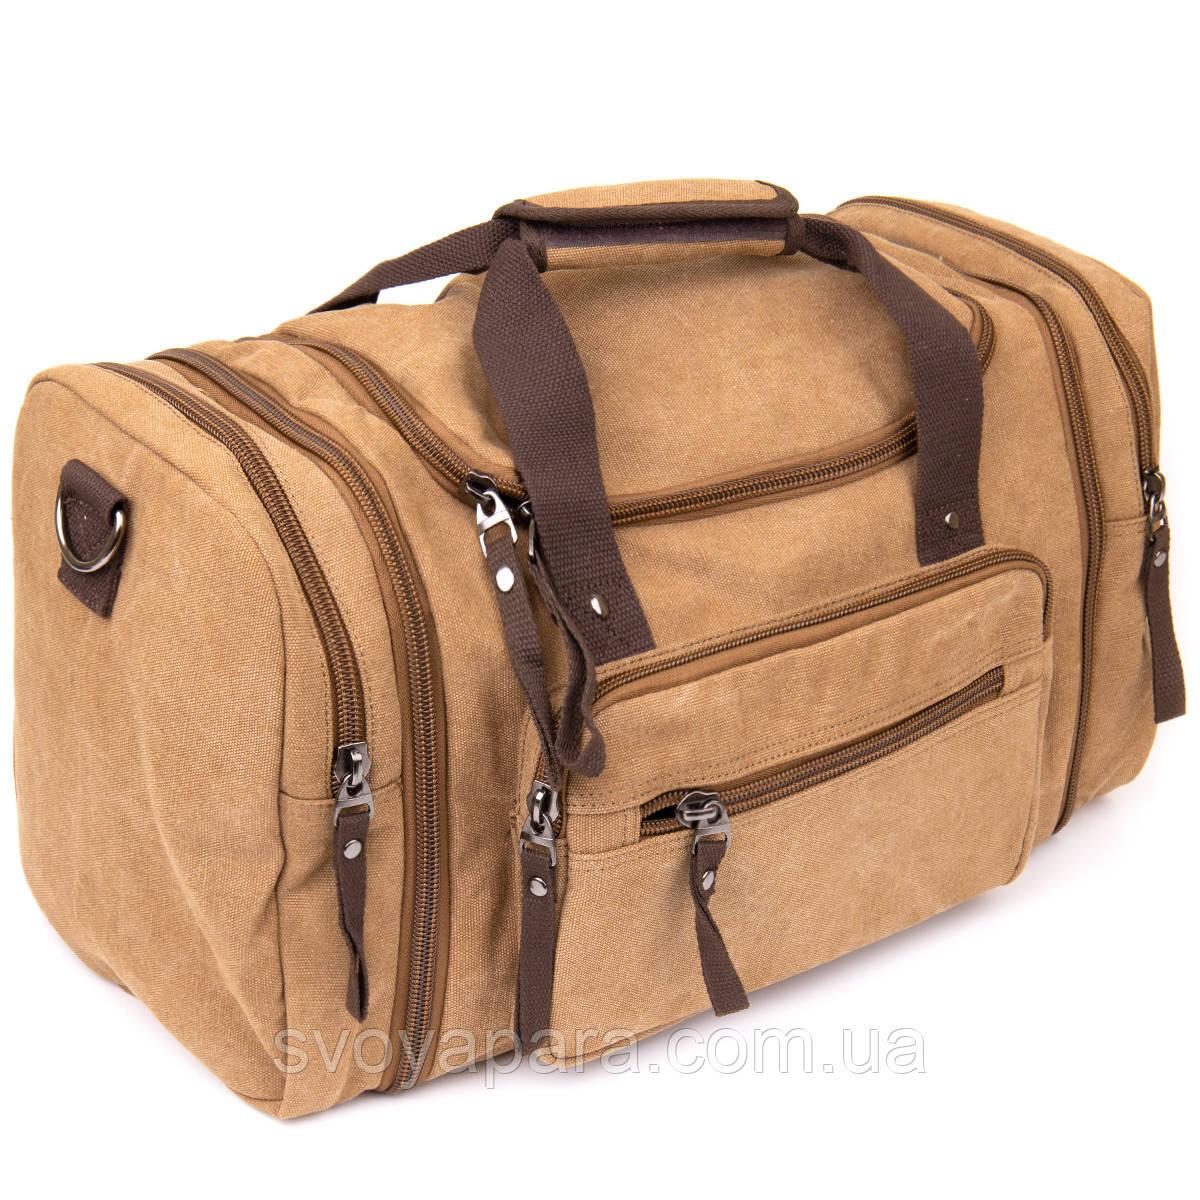 Дорожная сумка текстильная Vintage 20666 Коричневая